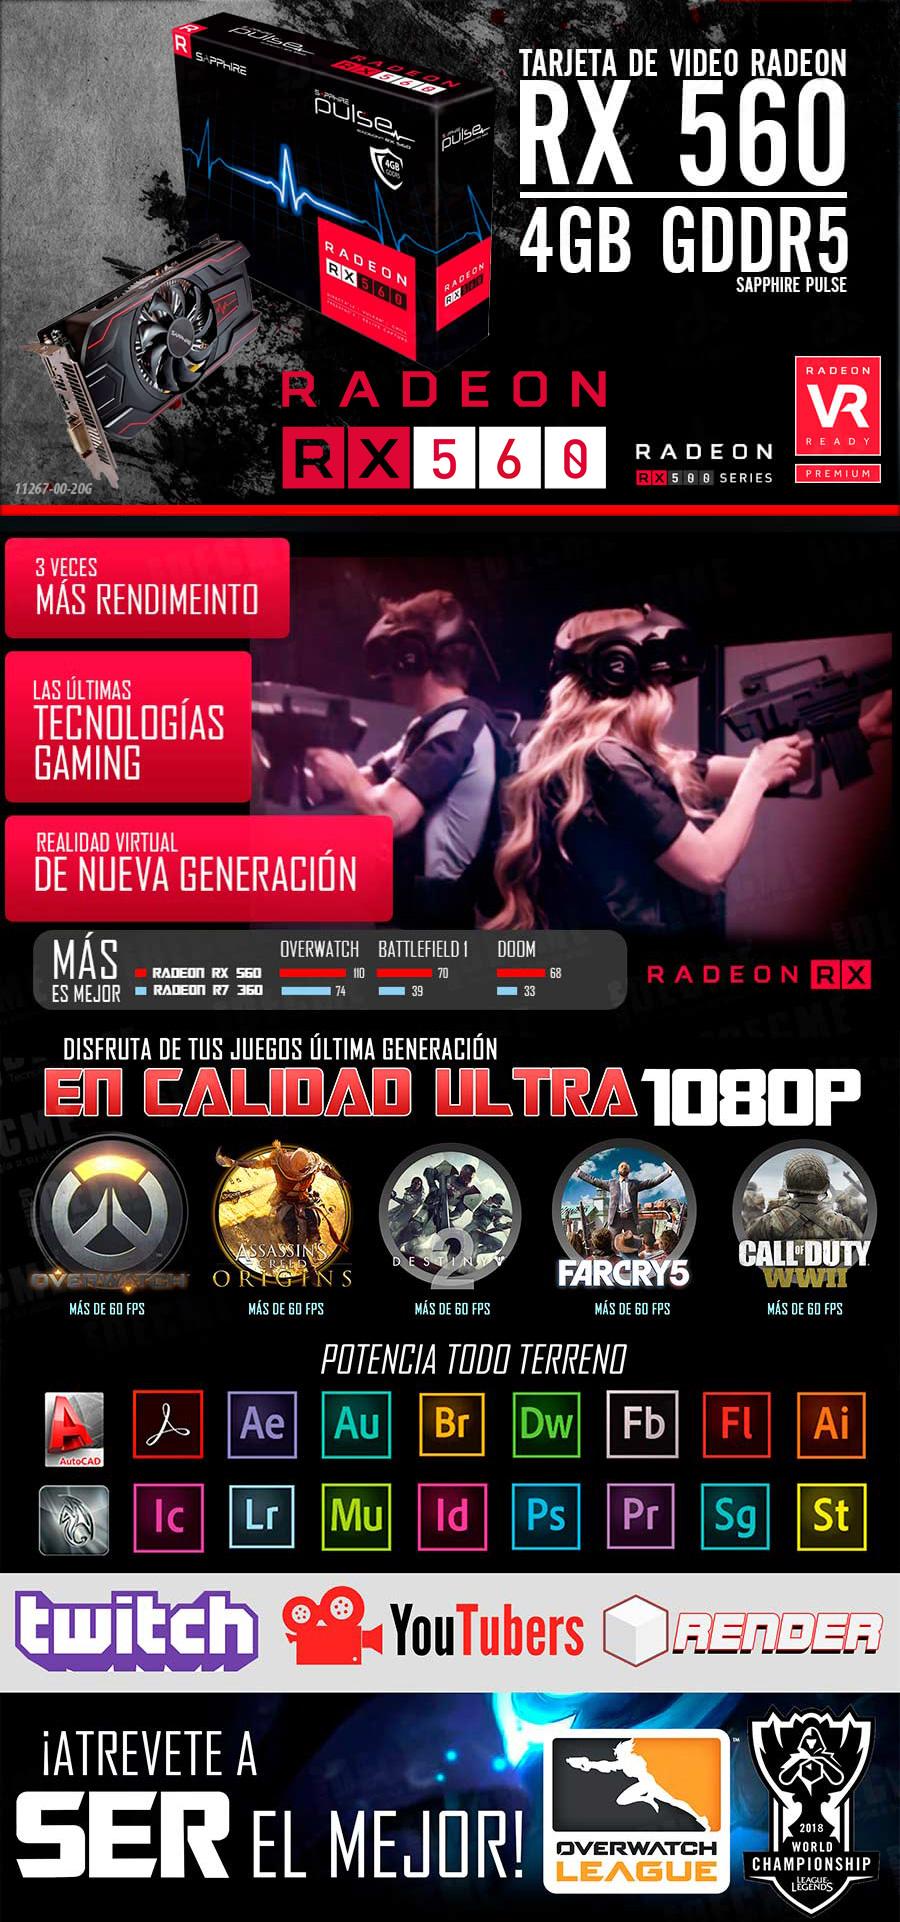 nueva pc gamer gama meda alta con tarjeta de video amd radeon rx 560 4gb ddr5 juegos en graficas altas en mexico